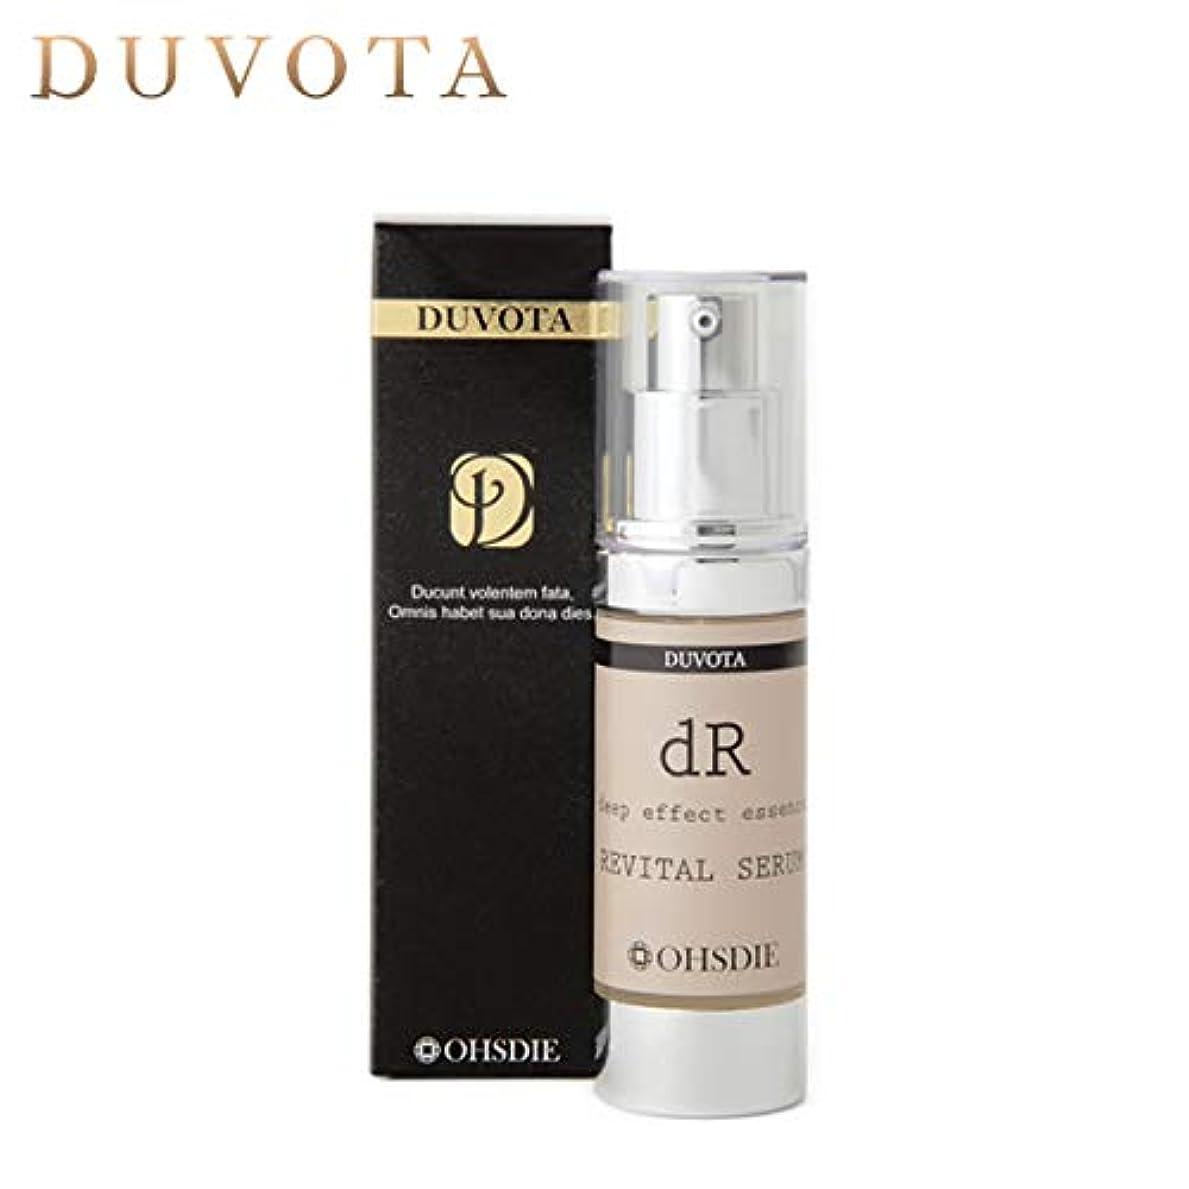 海外うぬぼれた寺院EGF 幹細胞 美容液 DUVOTA(ドゥボータ)ディープエフェクトエッセンスDリバイタルセラム 30ml / 馬プラセンタ ナールスゲン エレクトロポーション導入 エクラフレーズ 美顔器 リフトアップ 敏感肌 おすすめ